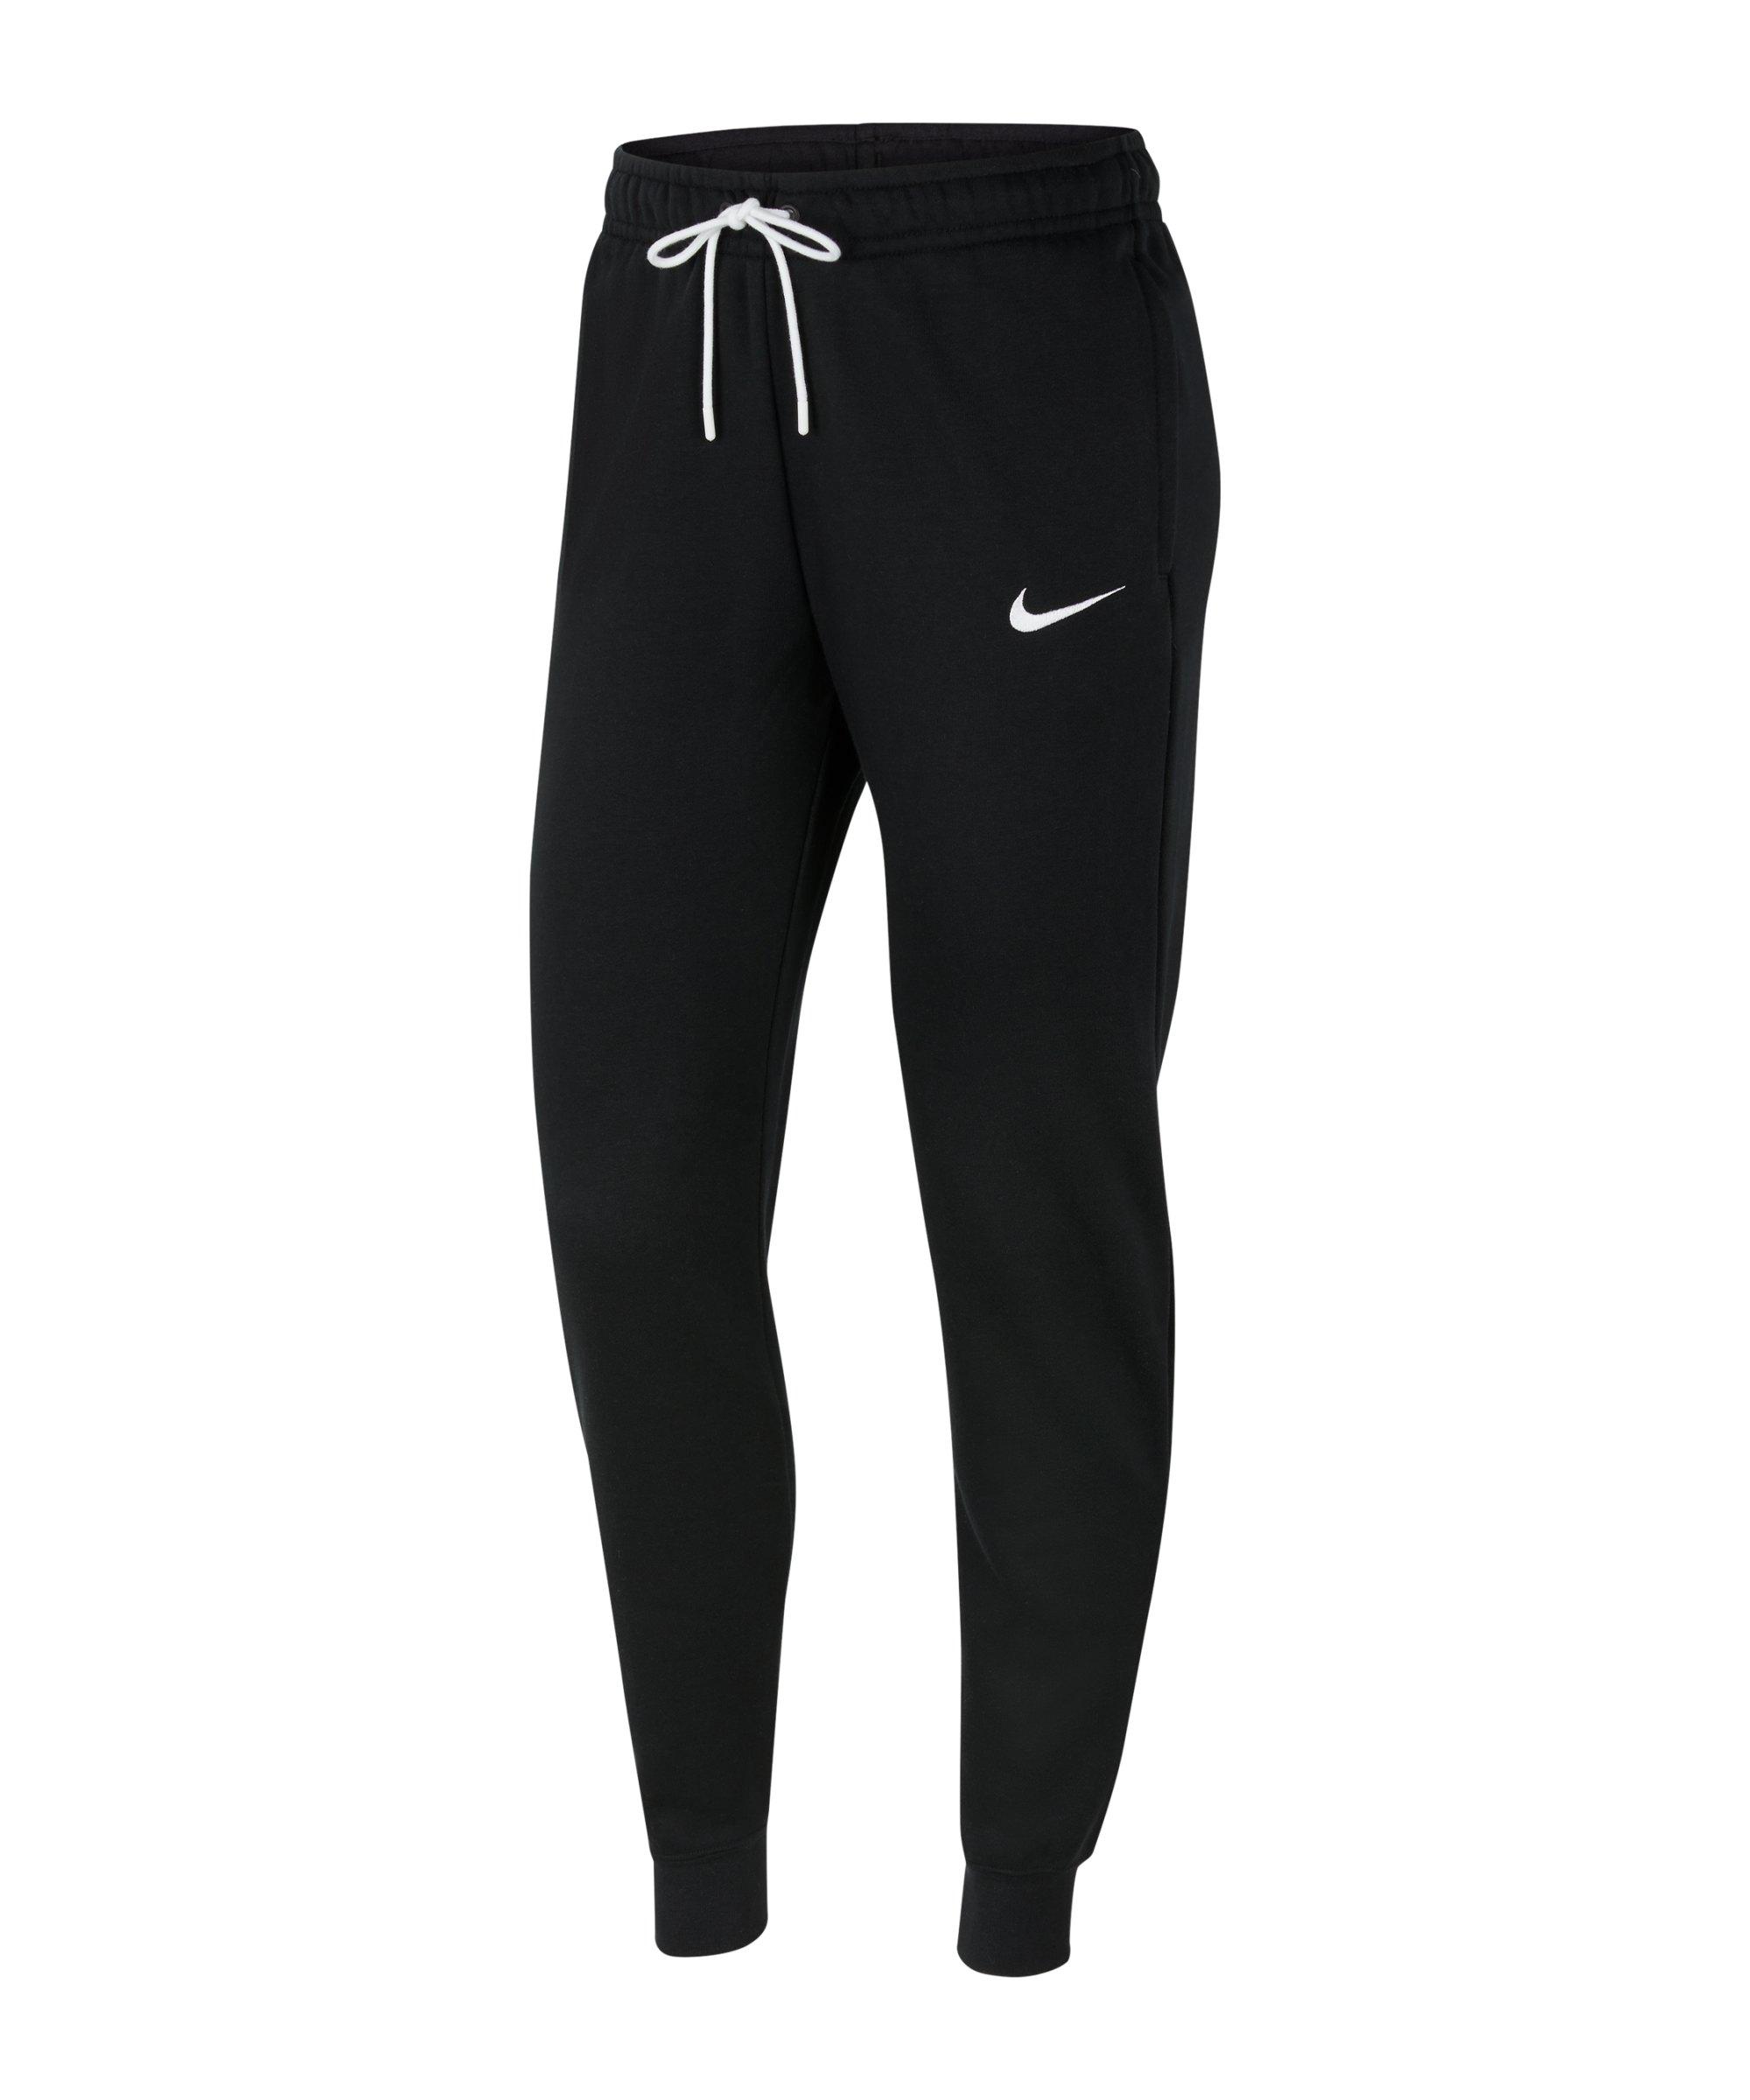 Nike Park 20 Fleece Jogginghose Damen Schwarz F010 - schwarz